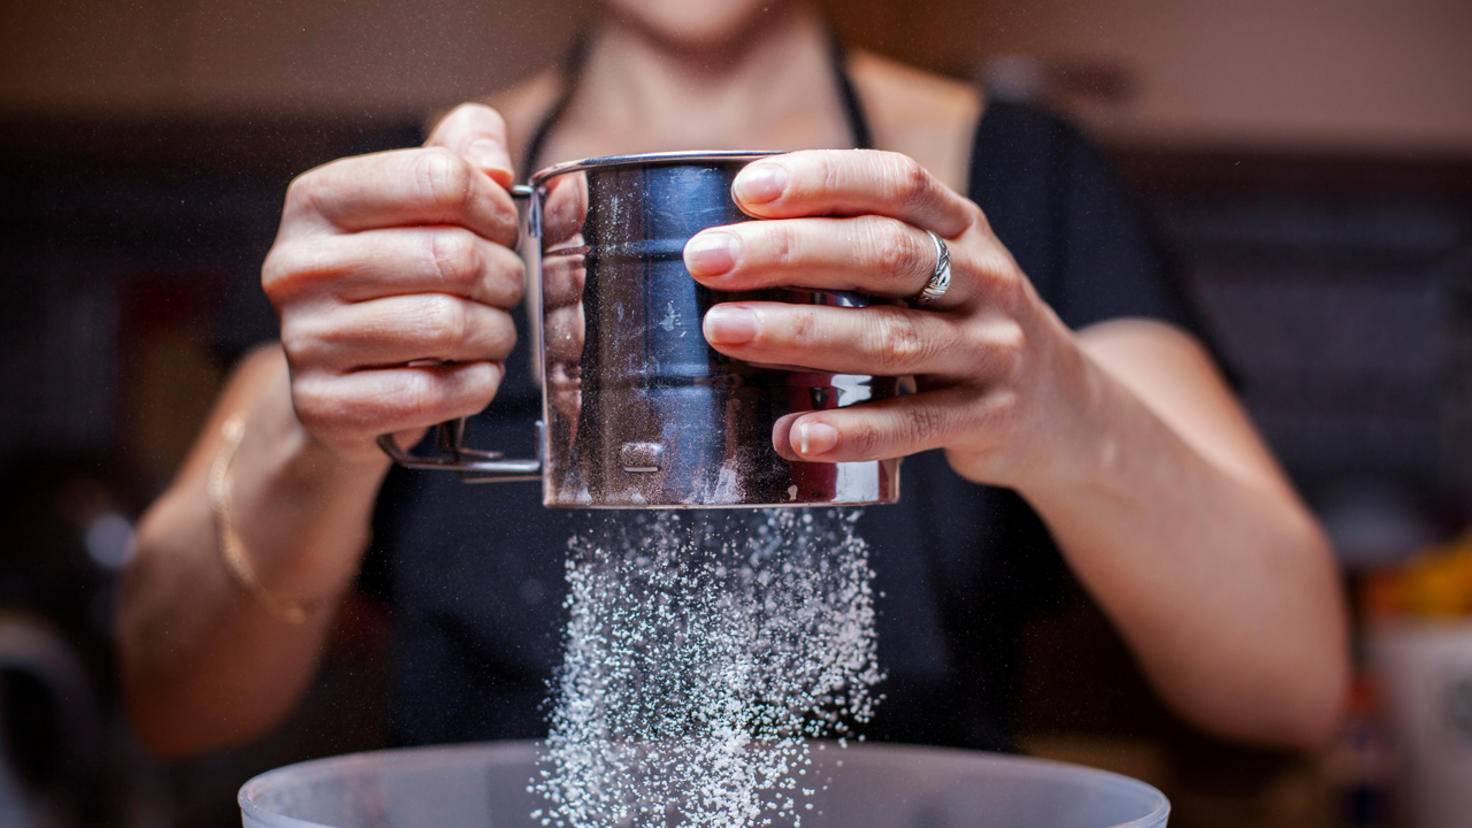 Mit einem Puderzuckersieb bekommst Du den Zucker im Handumdrehen locker. Ein kleines Küchensieb tut's aber auch.